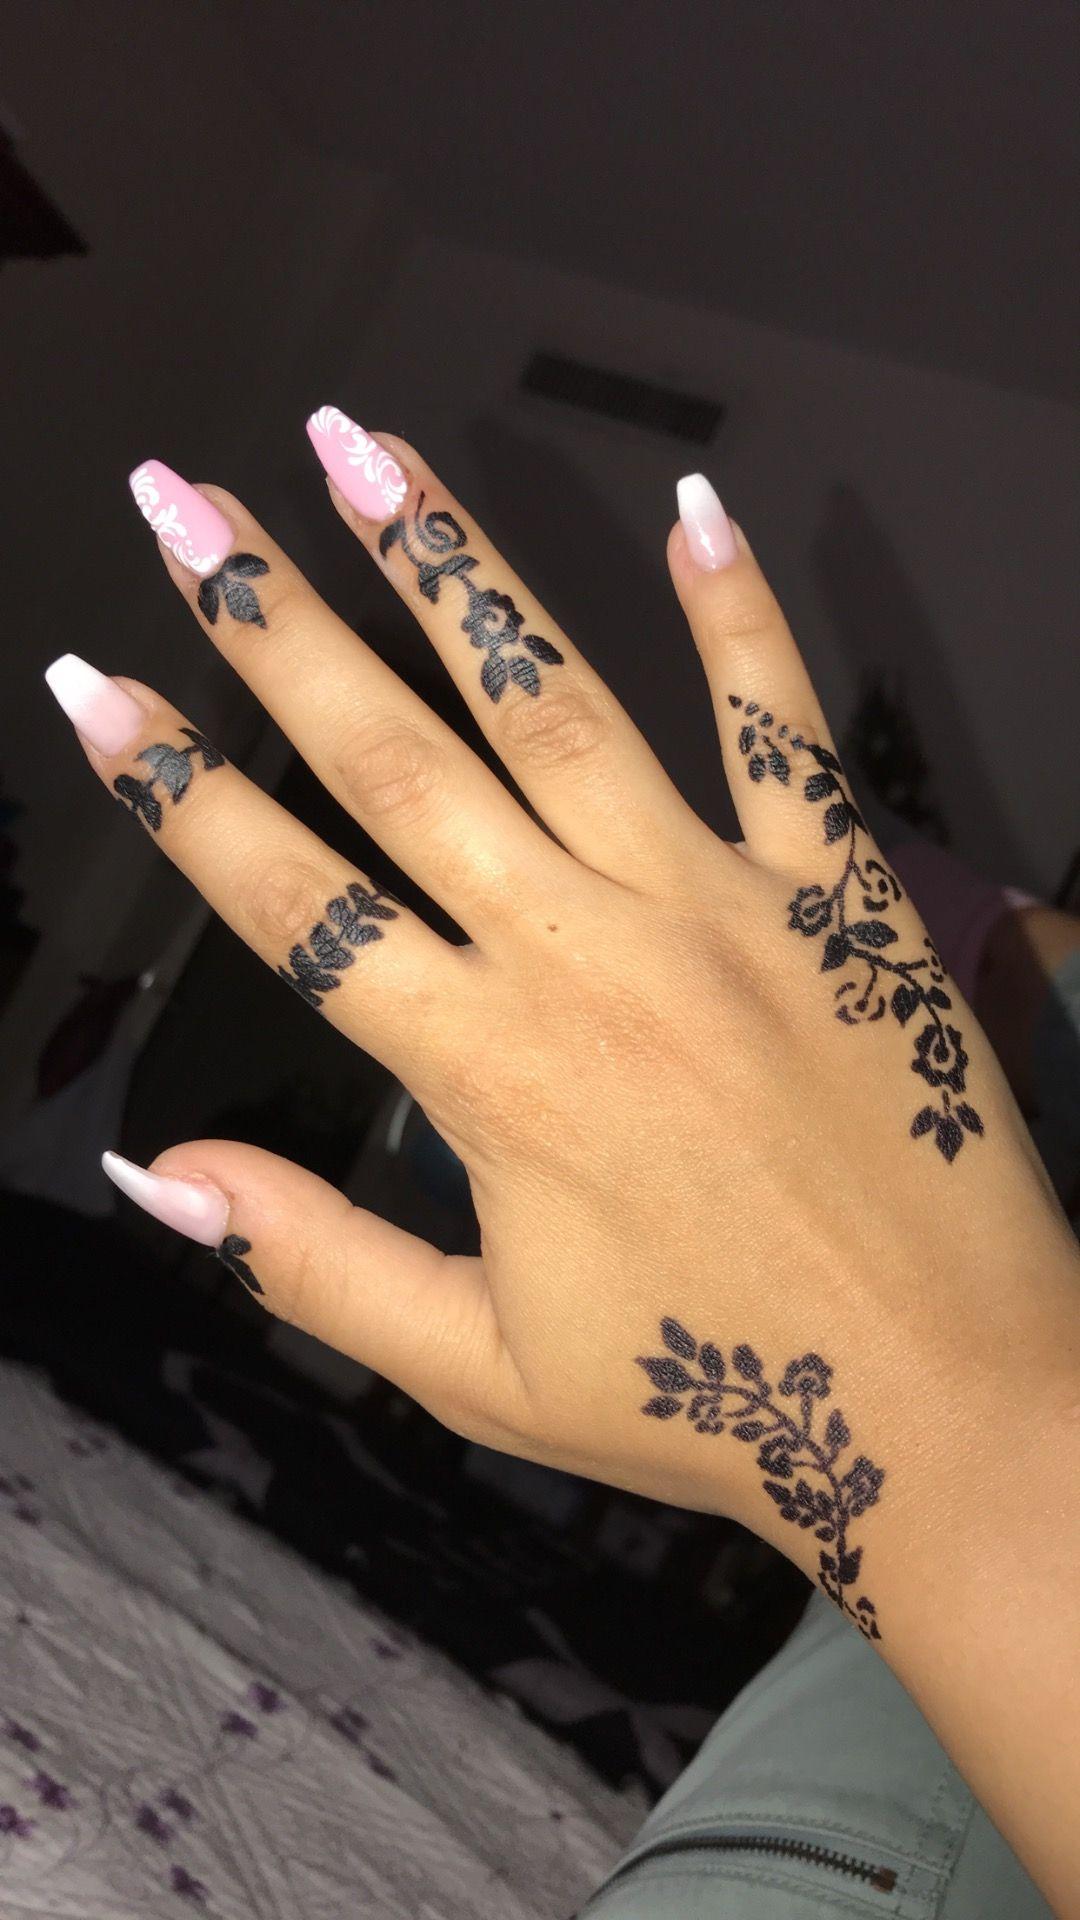 Pin by malak salem on nails small tattoos tattoo